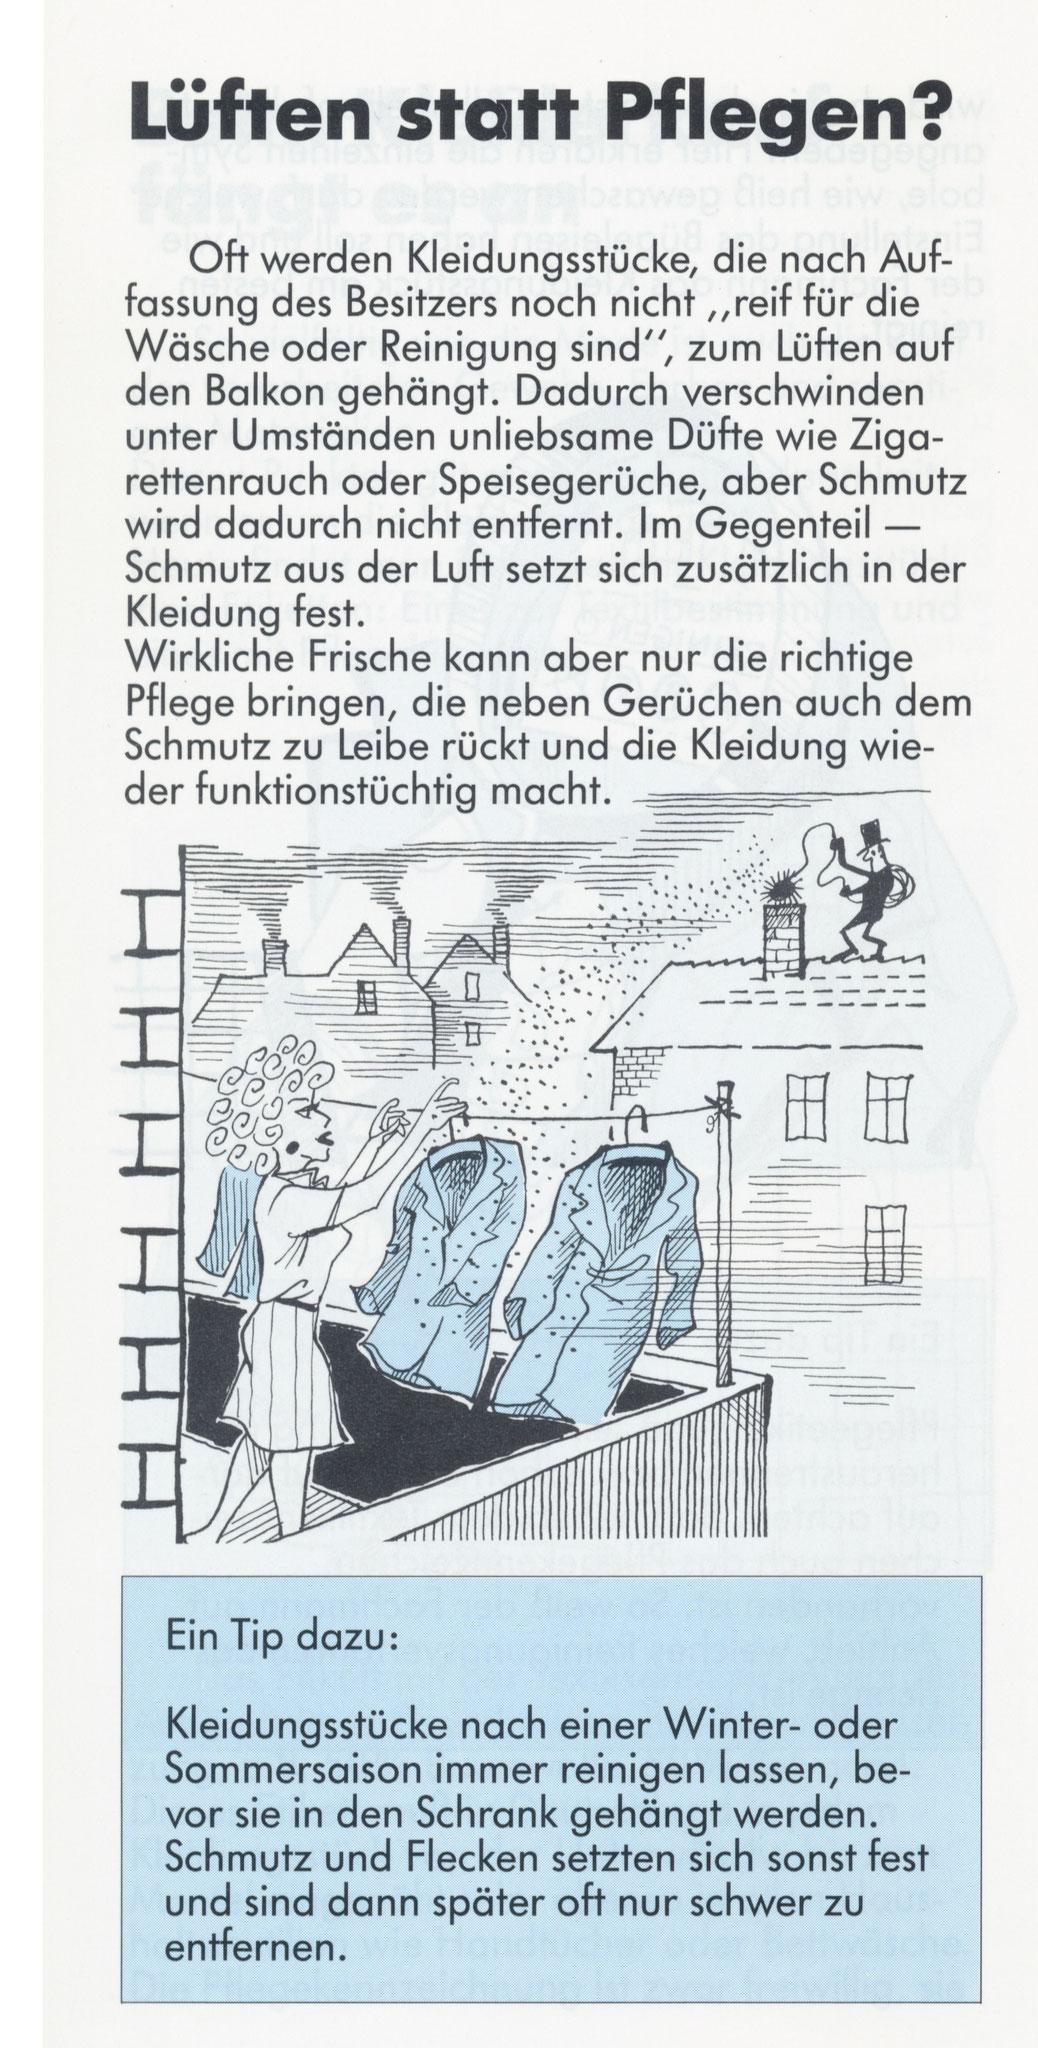 1980 Müden Arbeitskreis Textilreinigung:  Seite 5, Lüften